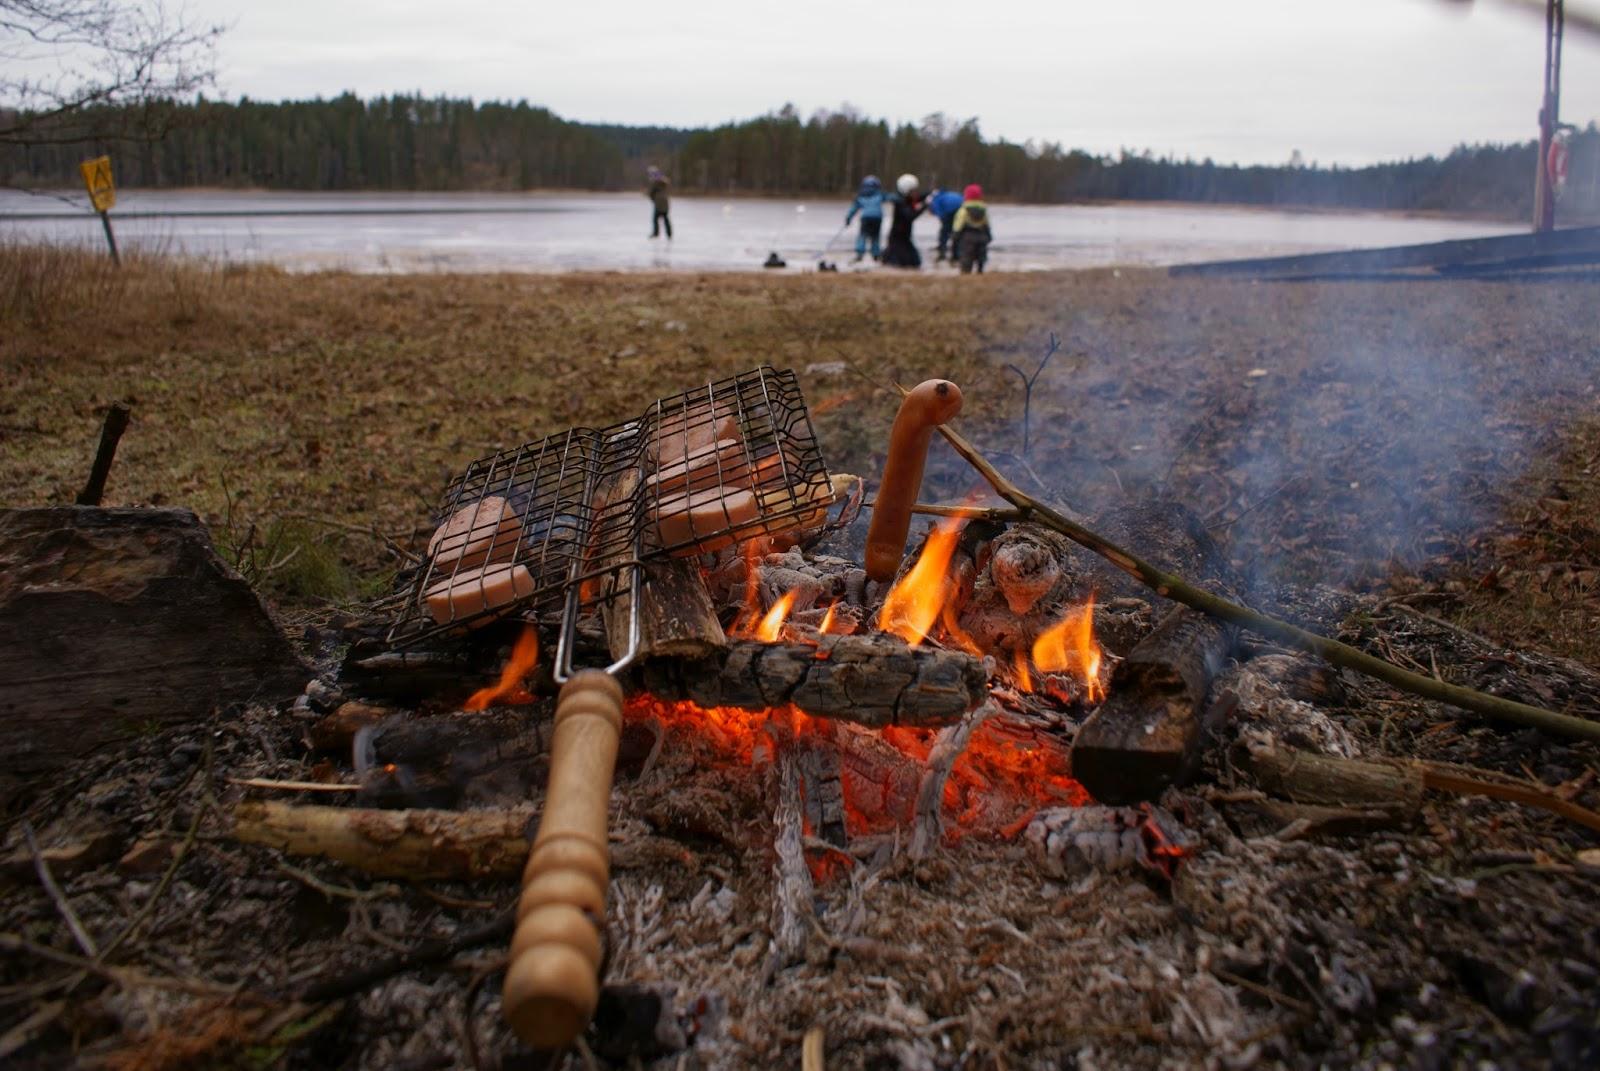 grillning öppen eld